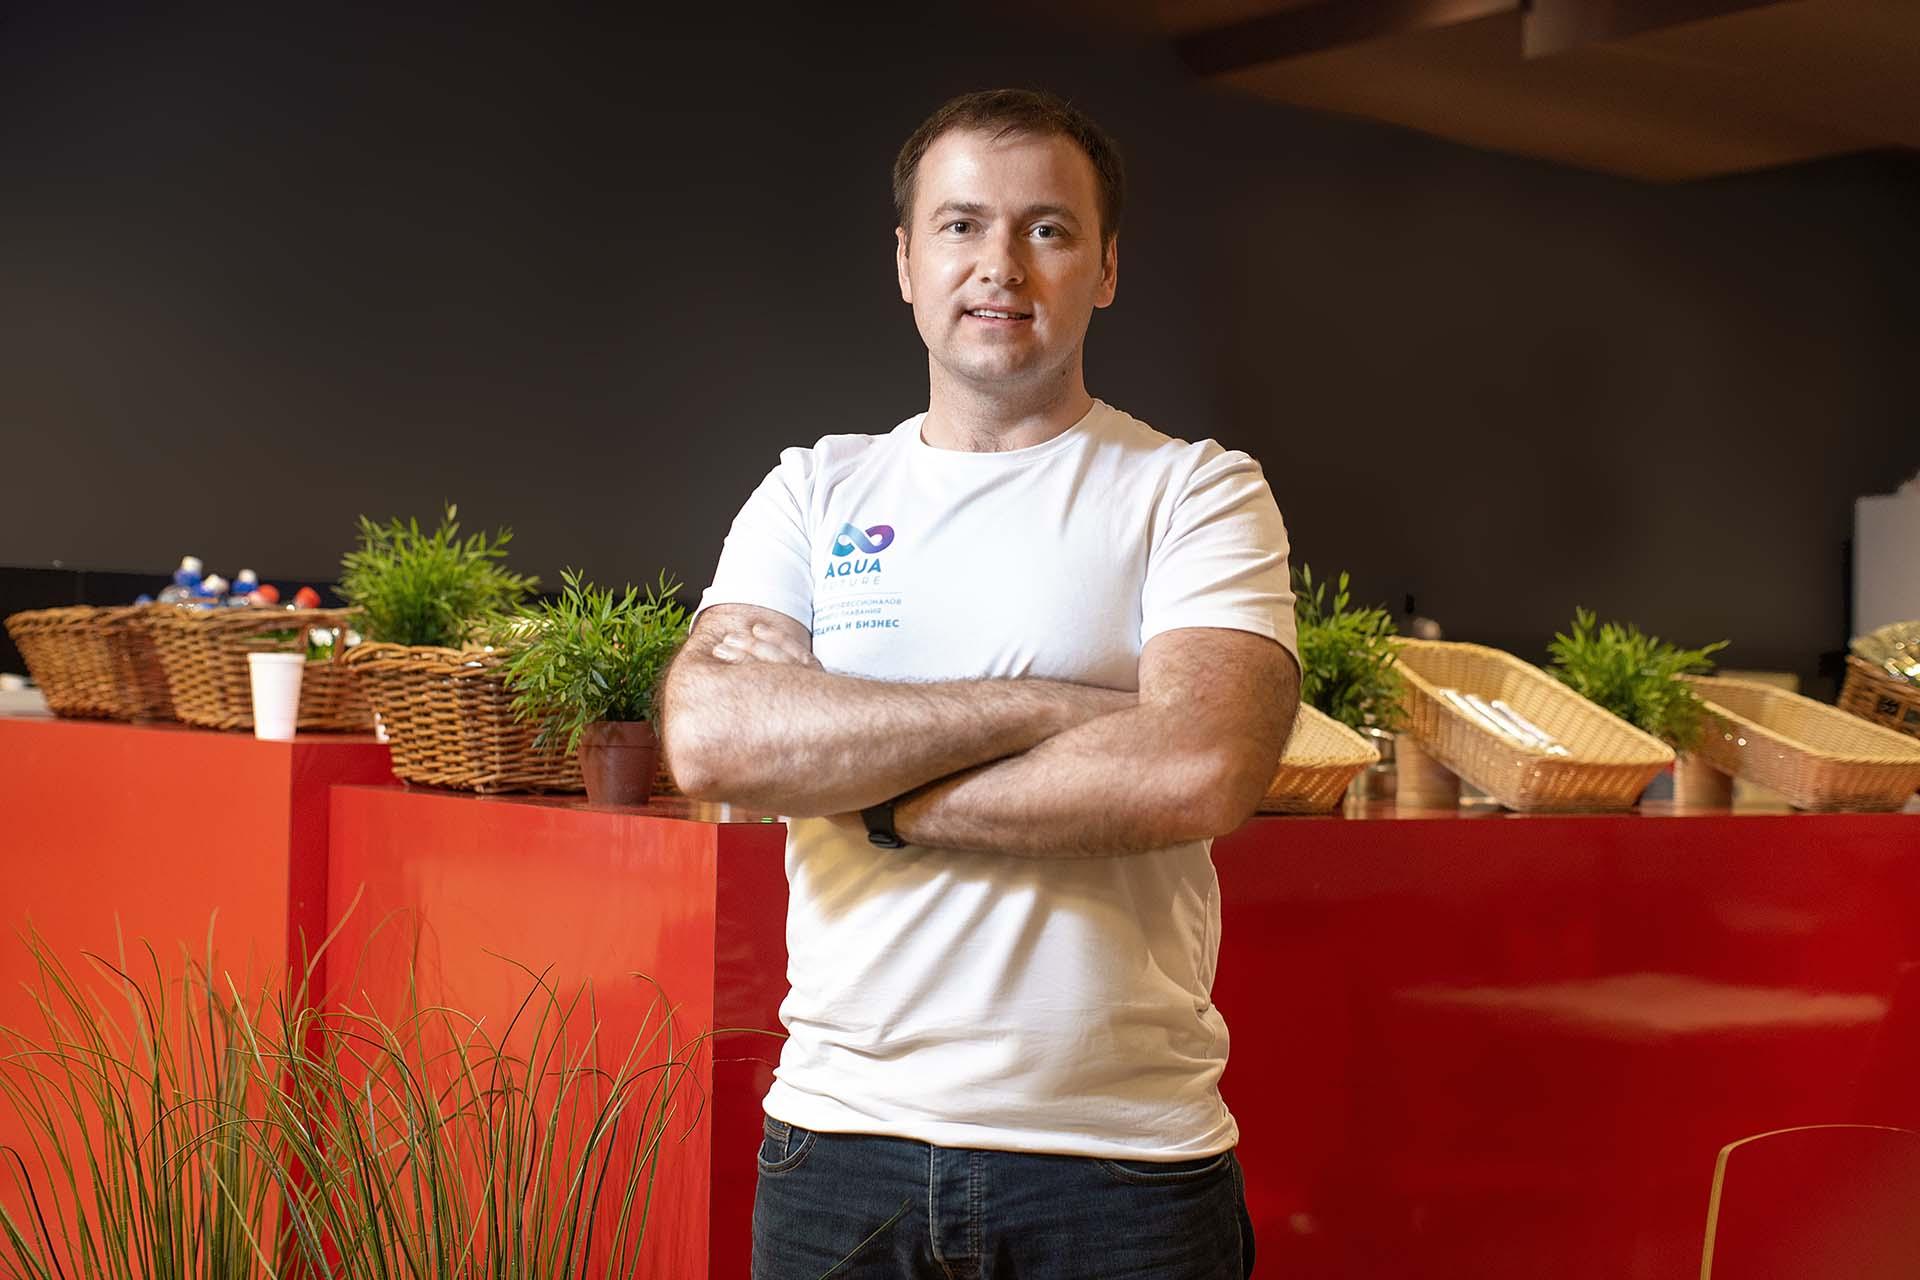 Сергей Логинов, основатель и СЕО федеральной сети студий раннего плавания «Аквакласс»